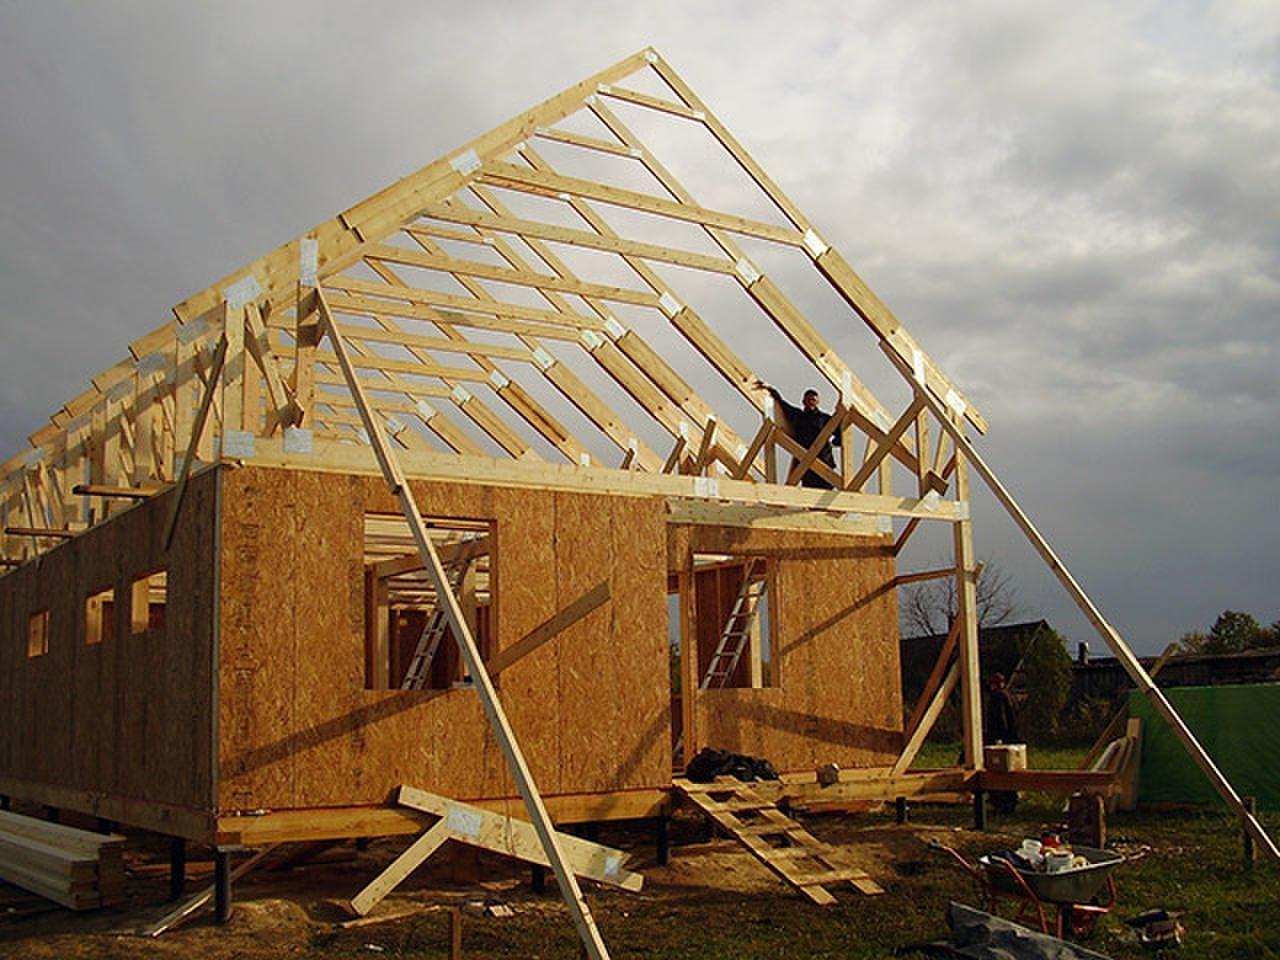 Полный фильм каркасный дом построй своими руками торрент скачать